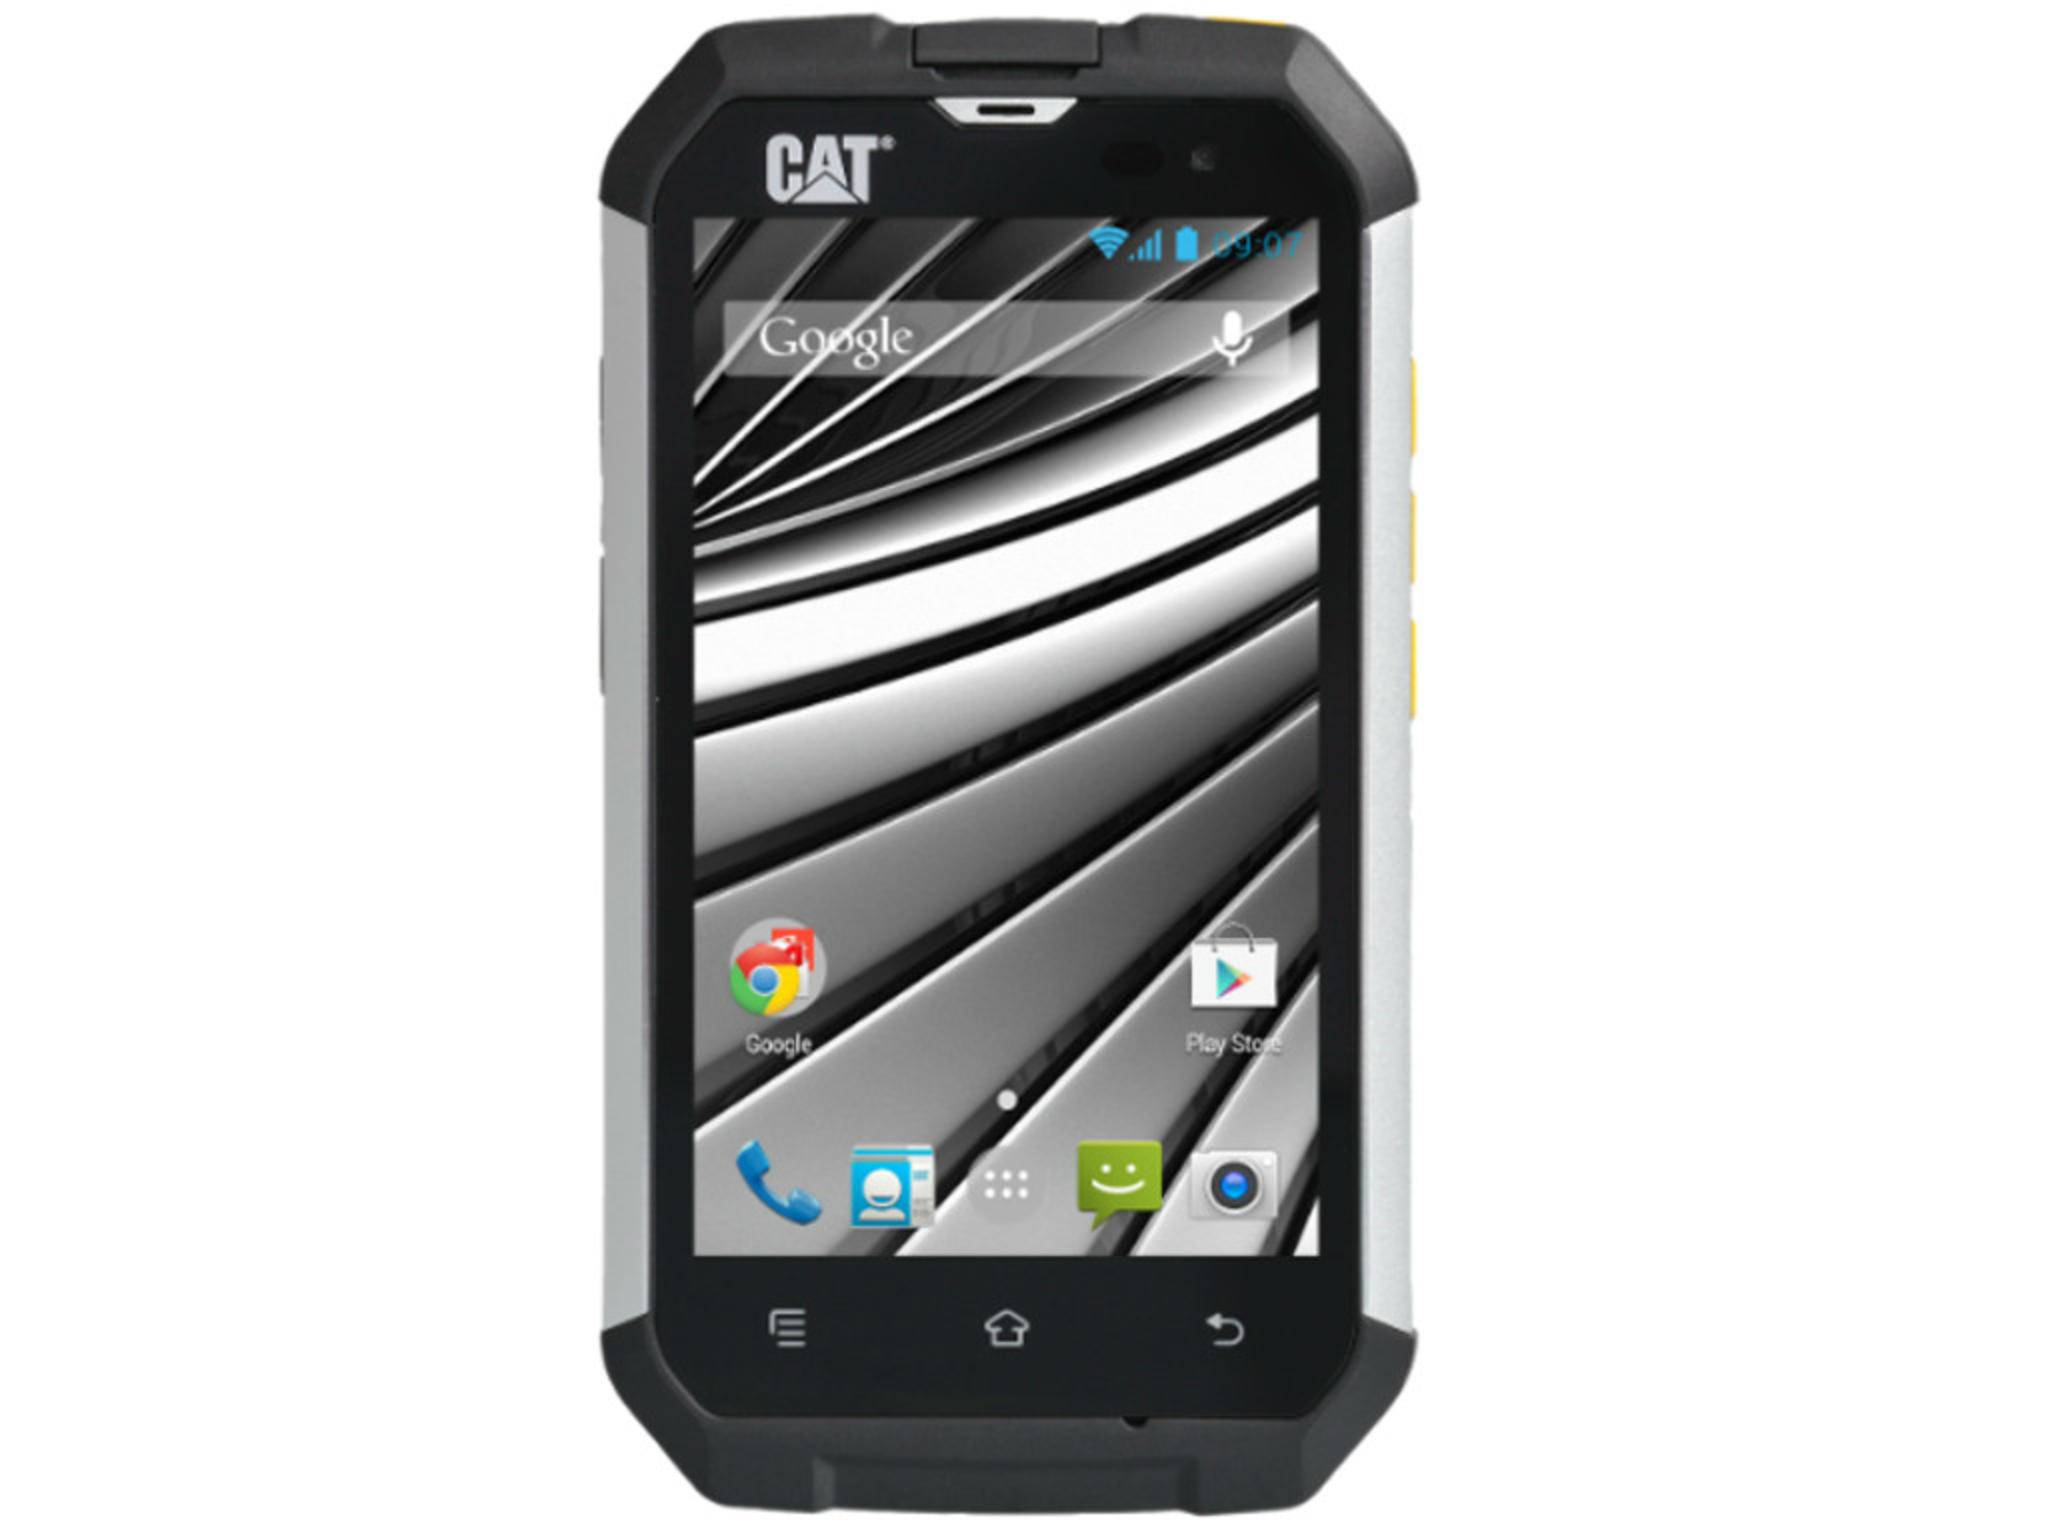 Das CAT B15Q kommt mit Gorilla Glass 2 und ist dank IP67 staub- und wasserdicht.